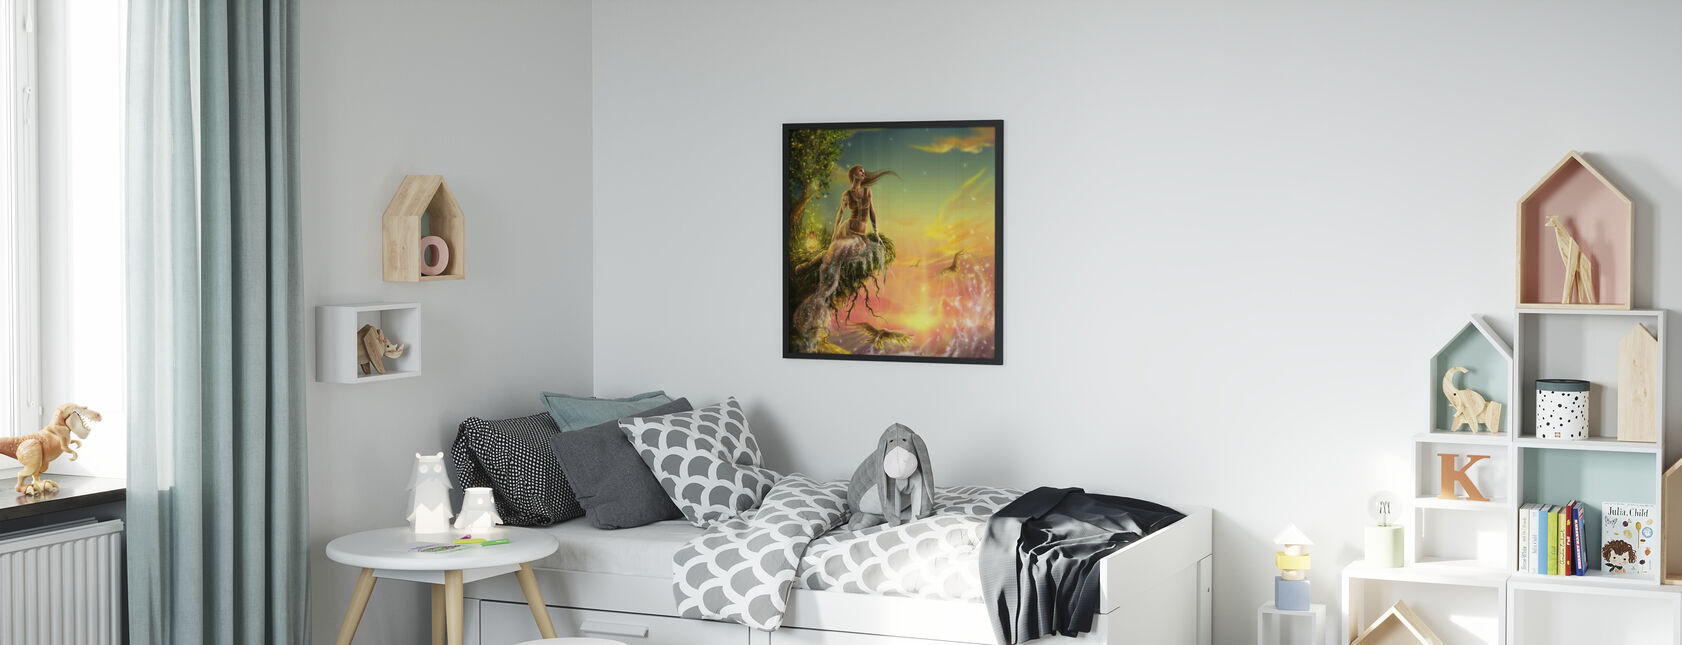 Golden Night - Indrammet billede - Børneværelse